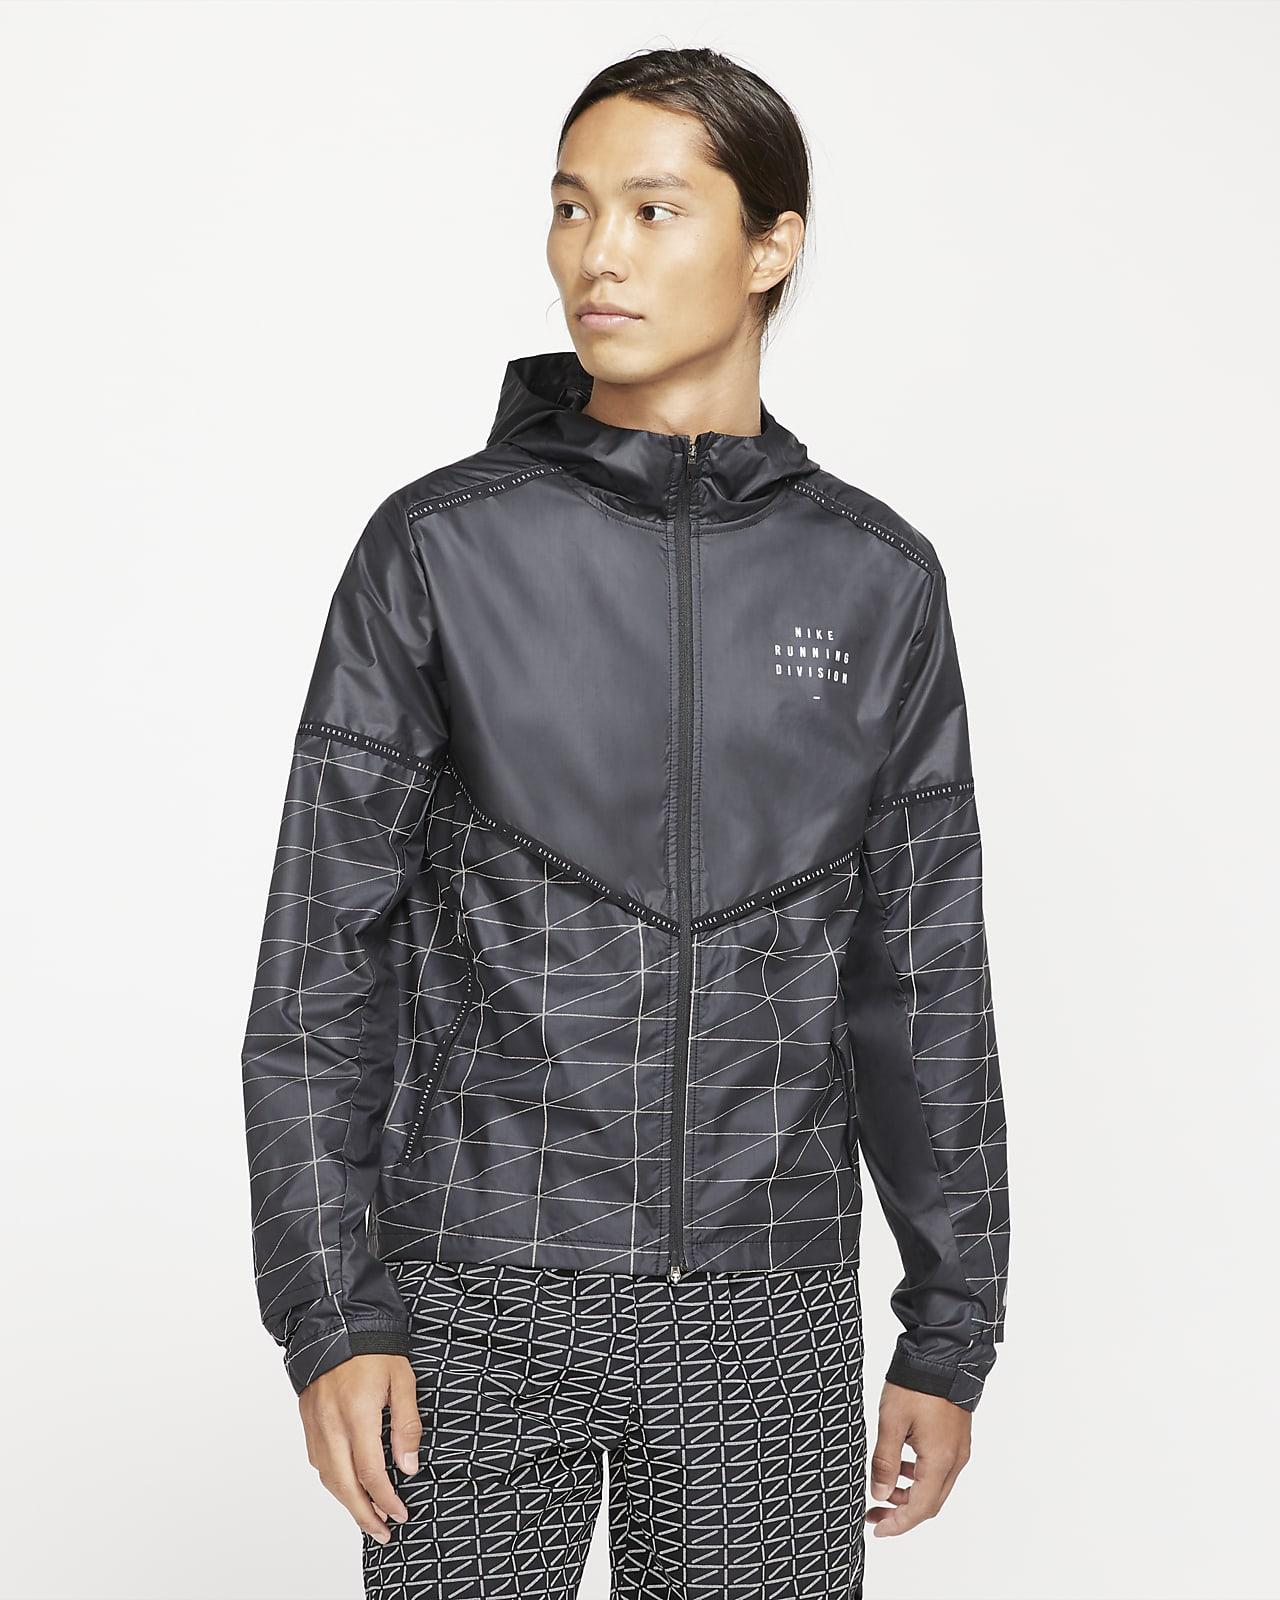 เสื้อแจ็คเก็ตวิ่งผู้ชาย Nike Flash Run Division